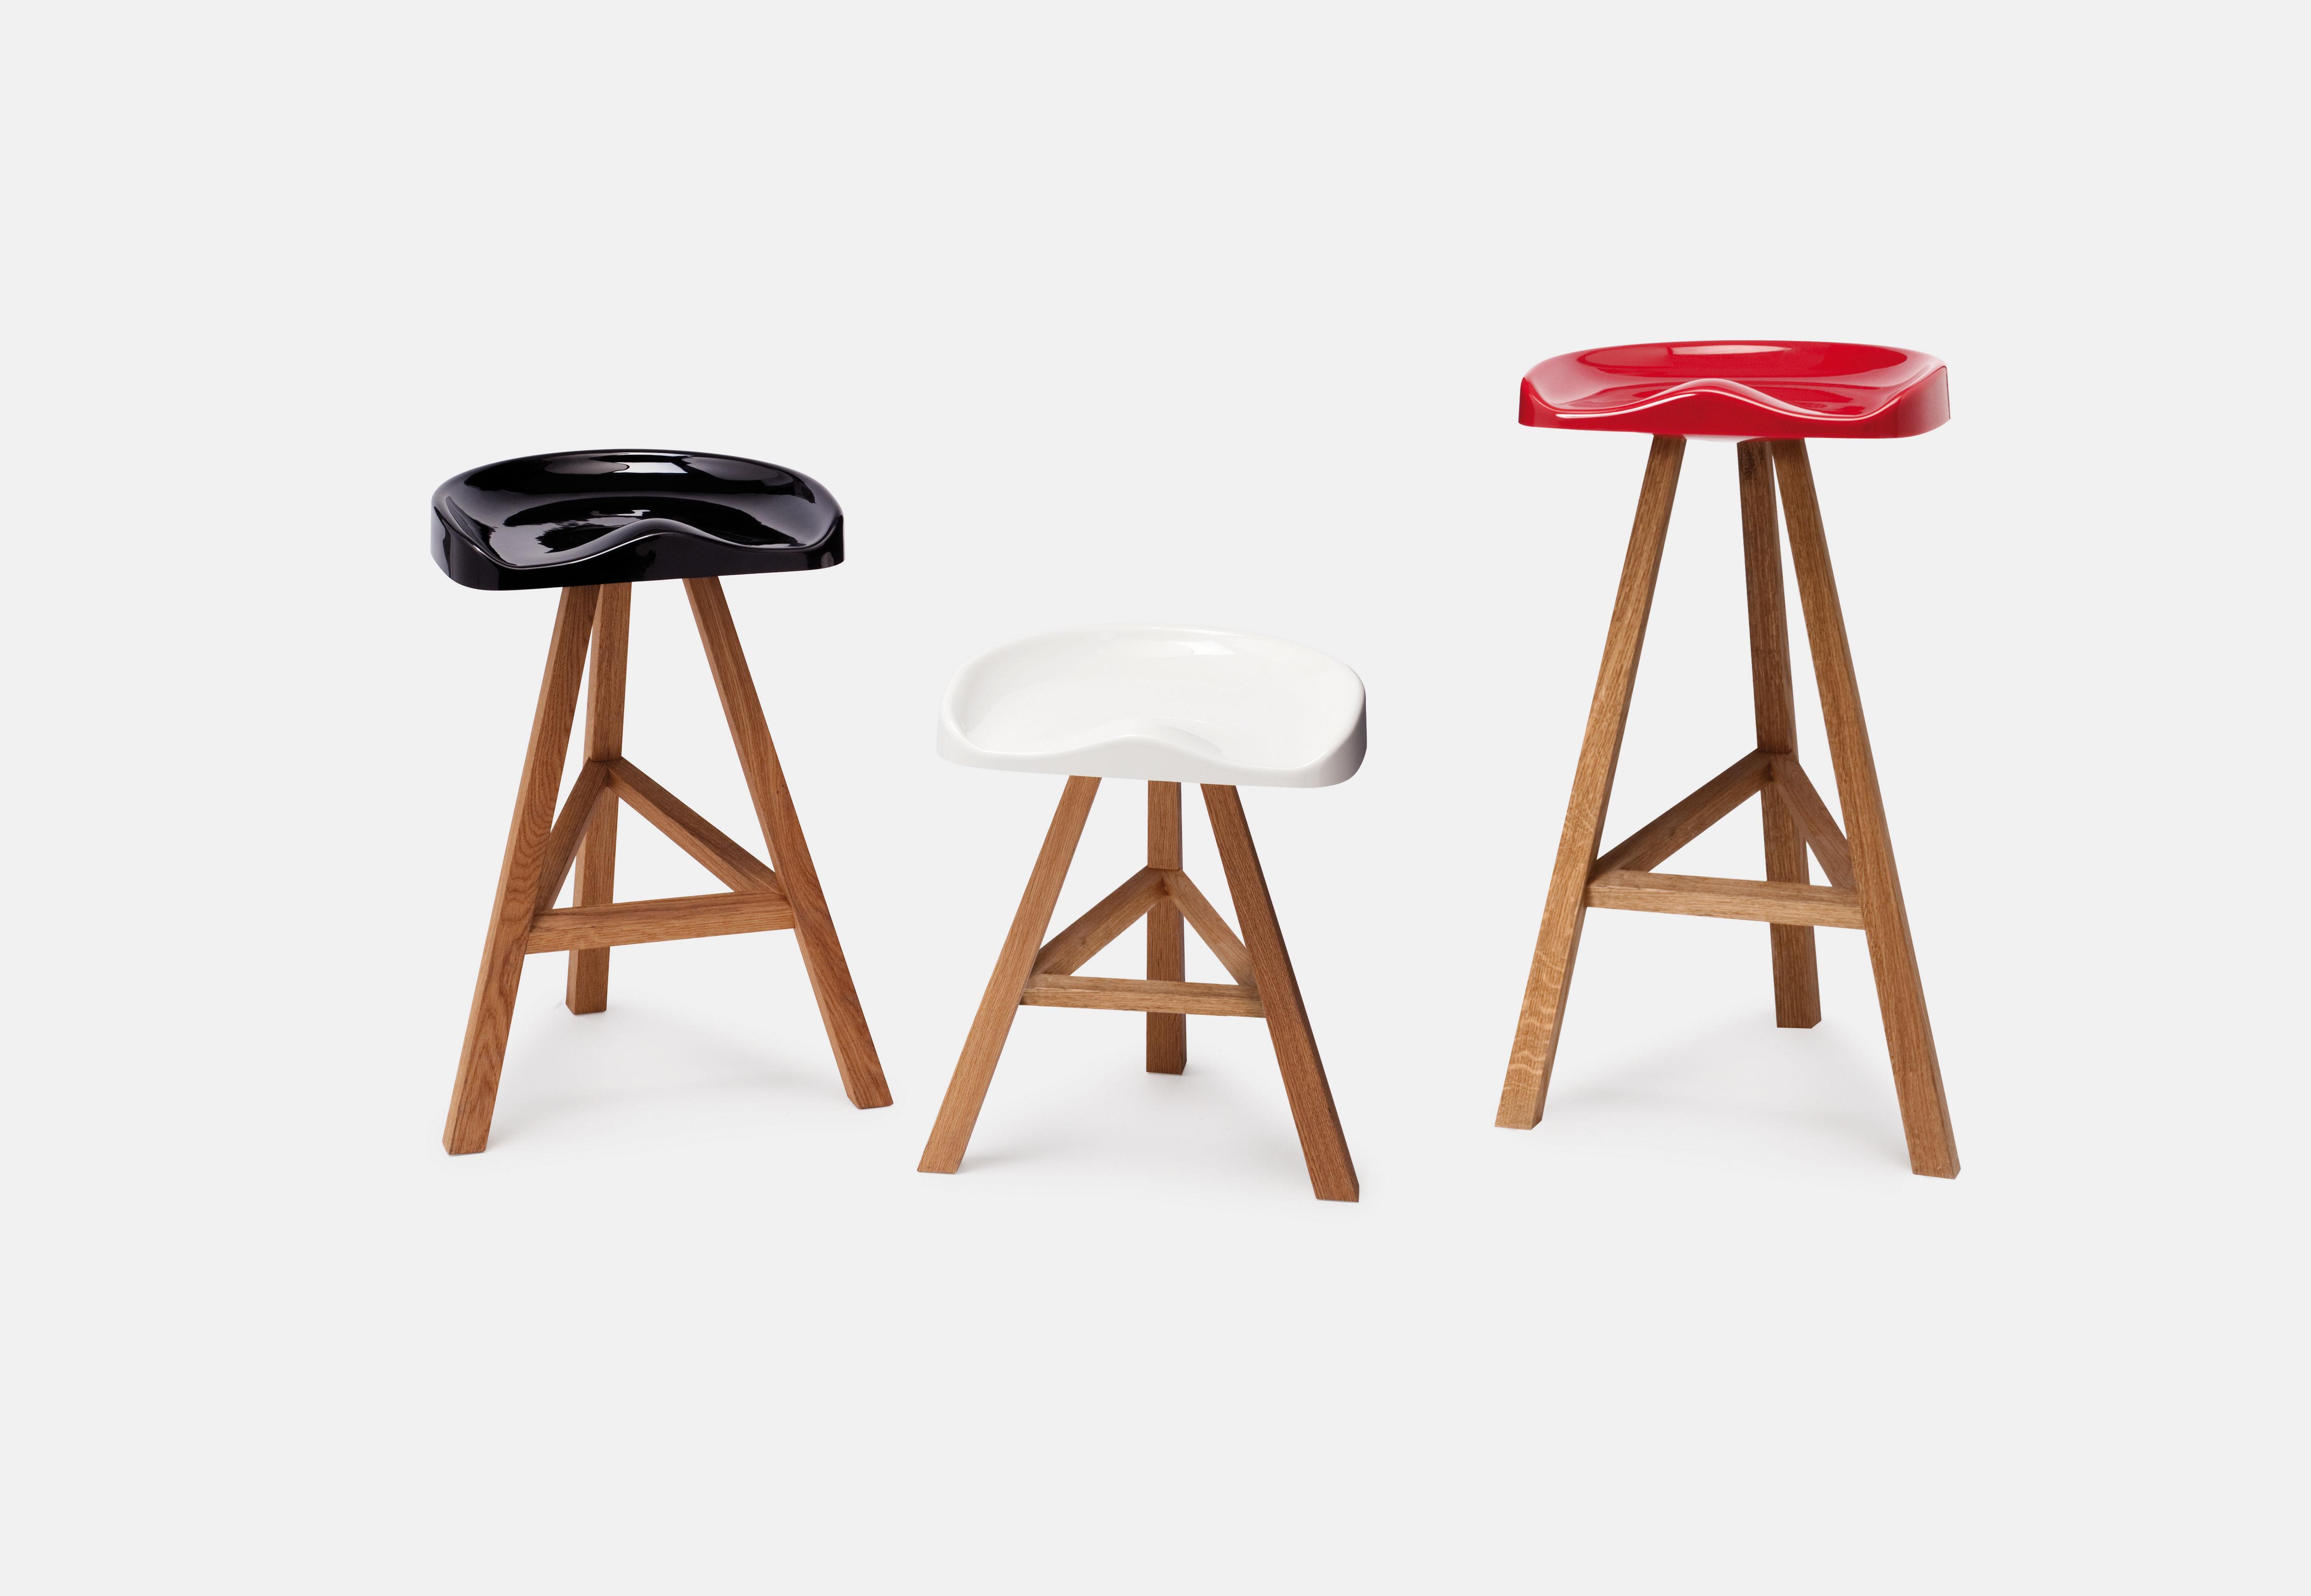 tabouret de bar heidi h 65 cm plastique bois blanc established sons. Black Bedroom Furniture Sets. Home Design Ideas